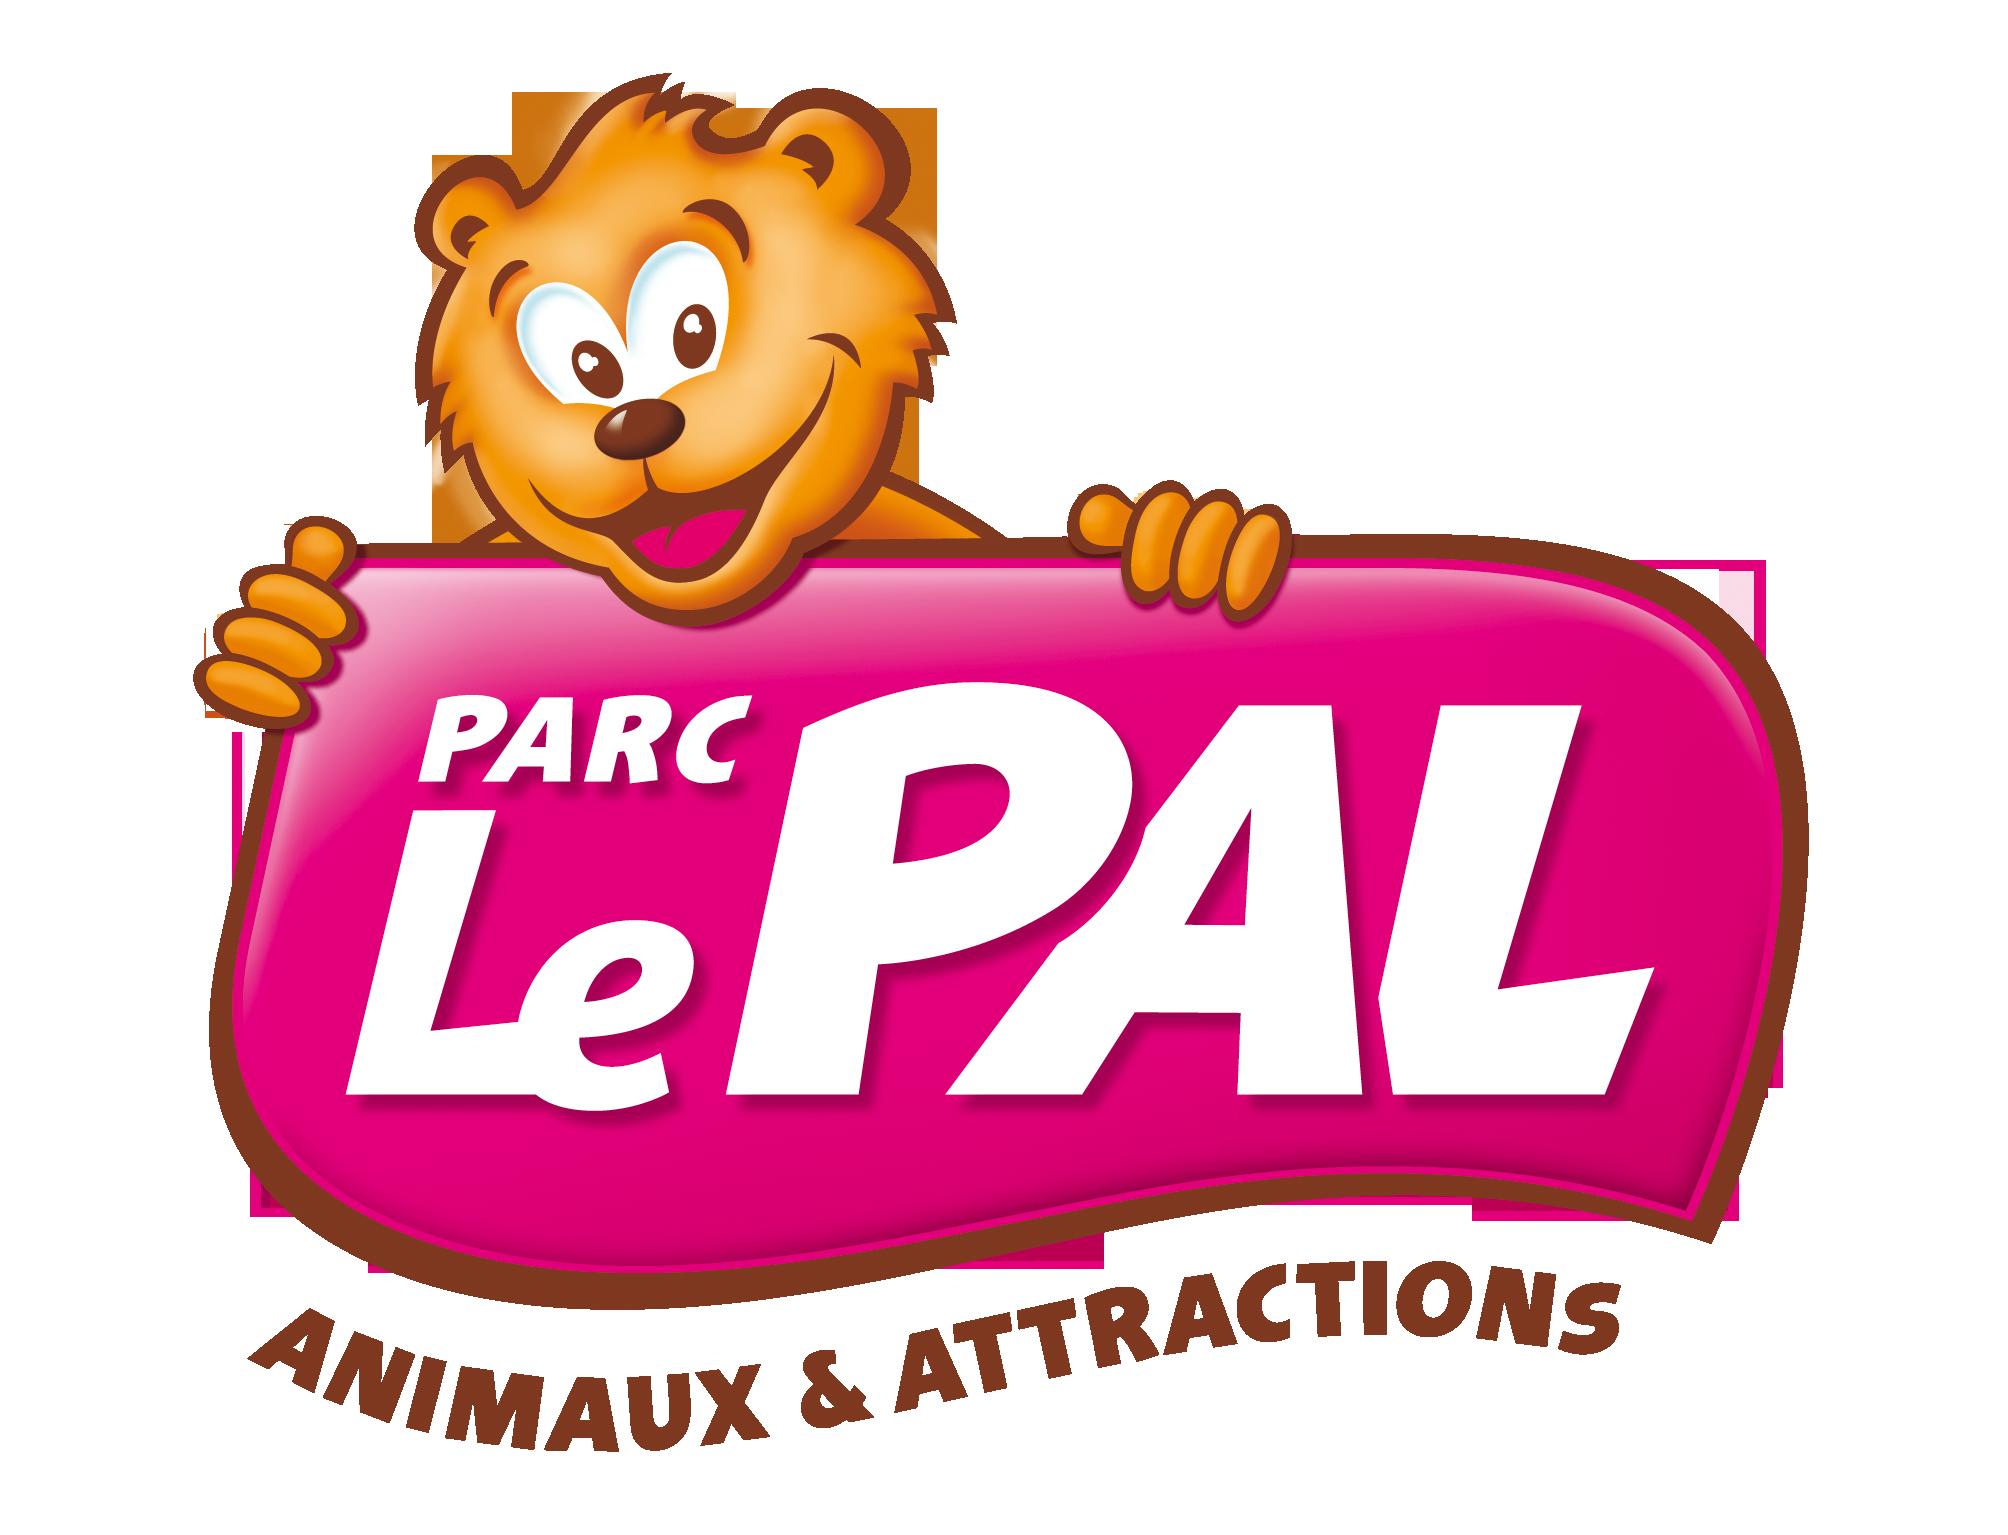 Affiche Parcs zoologique  Le Pal